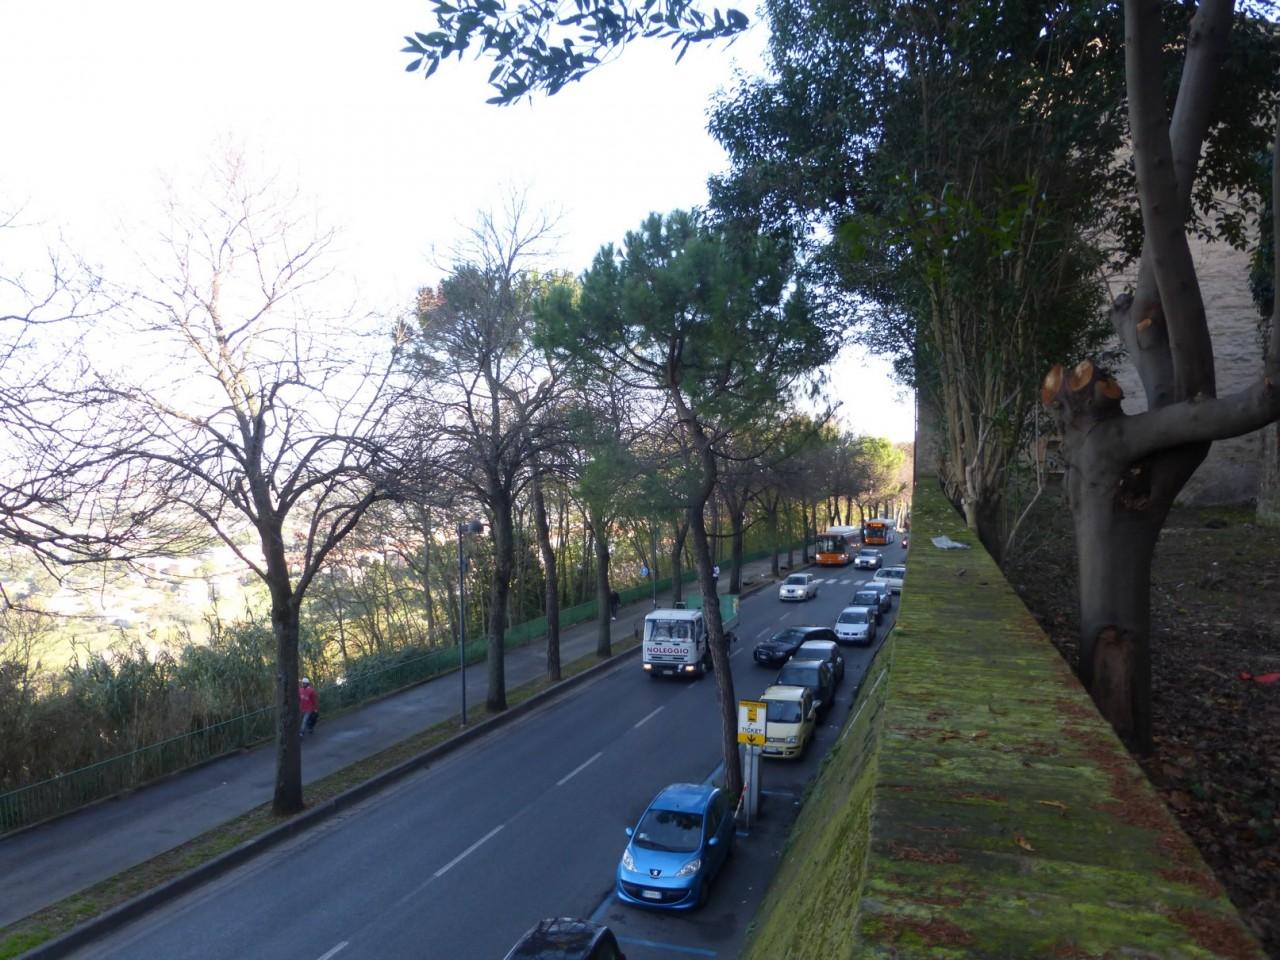 giardino monachette intermesoli macerata (2)